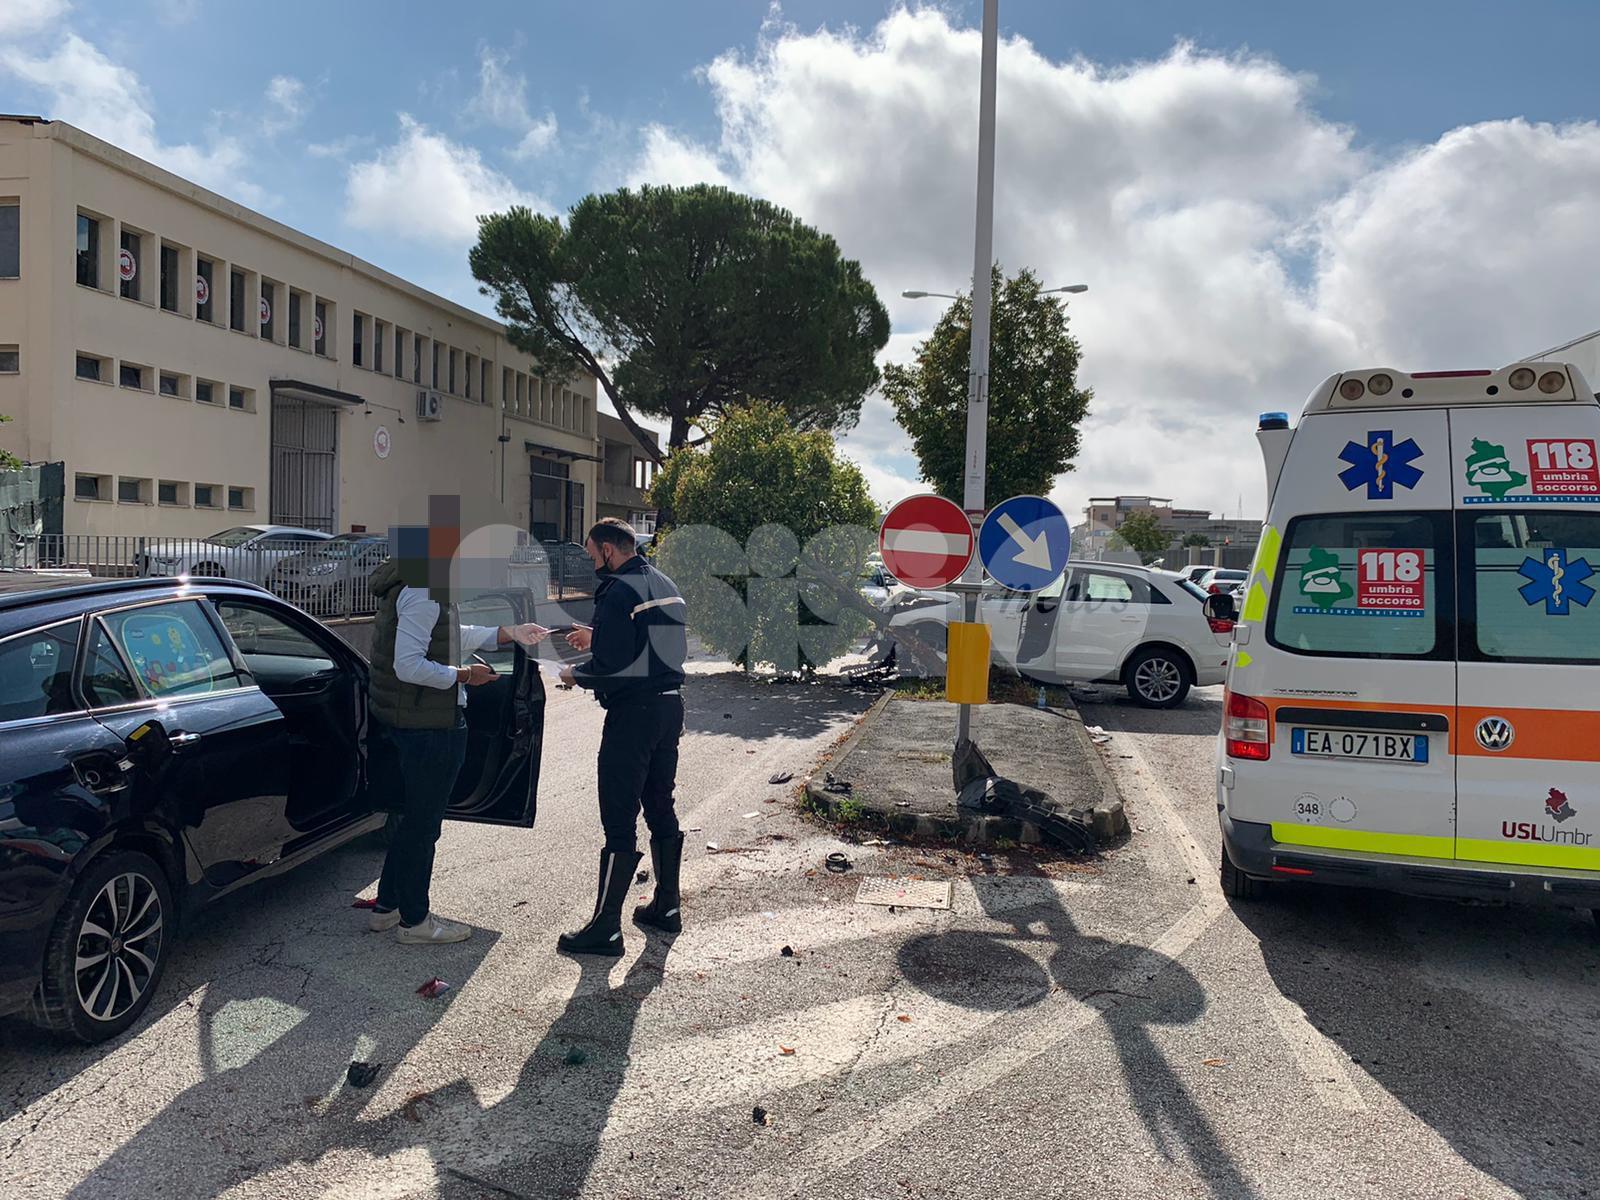 Incidente a Bastia Umbra, un ferito in ospedale (foto)